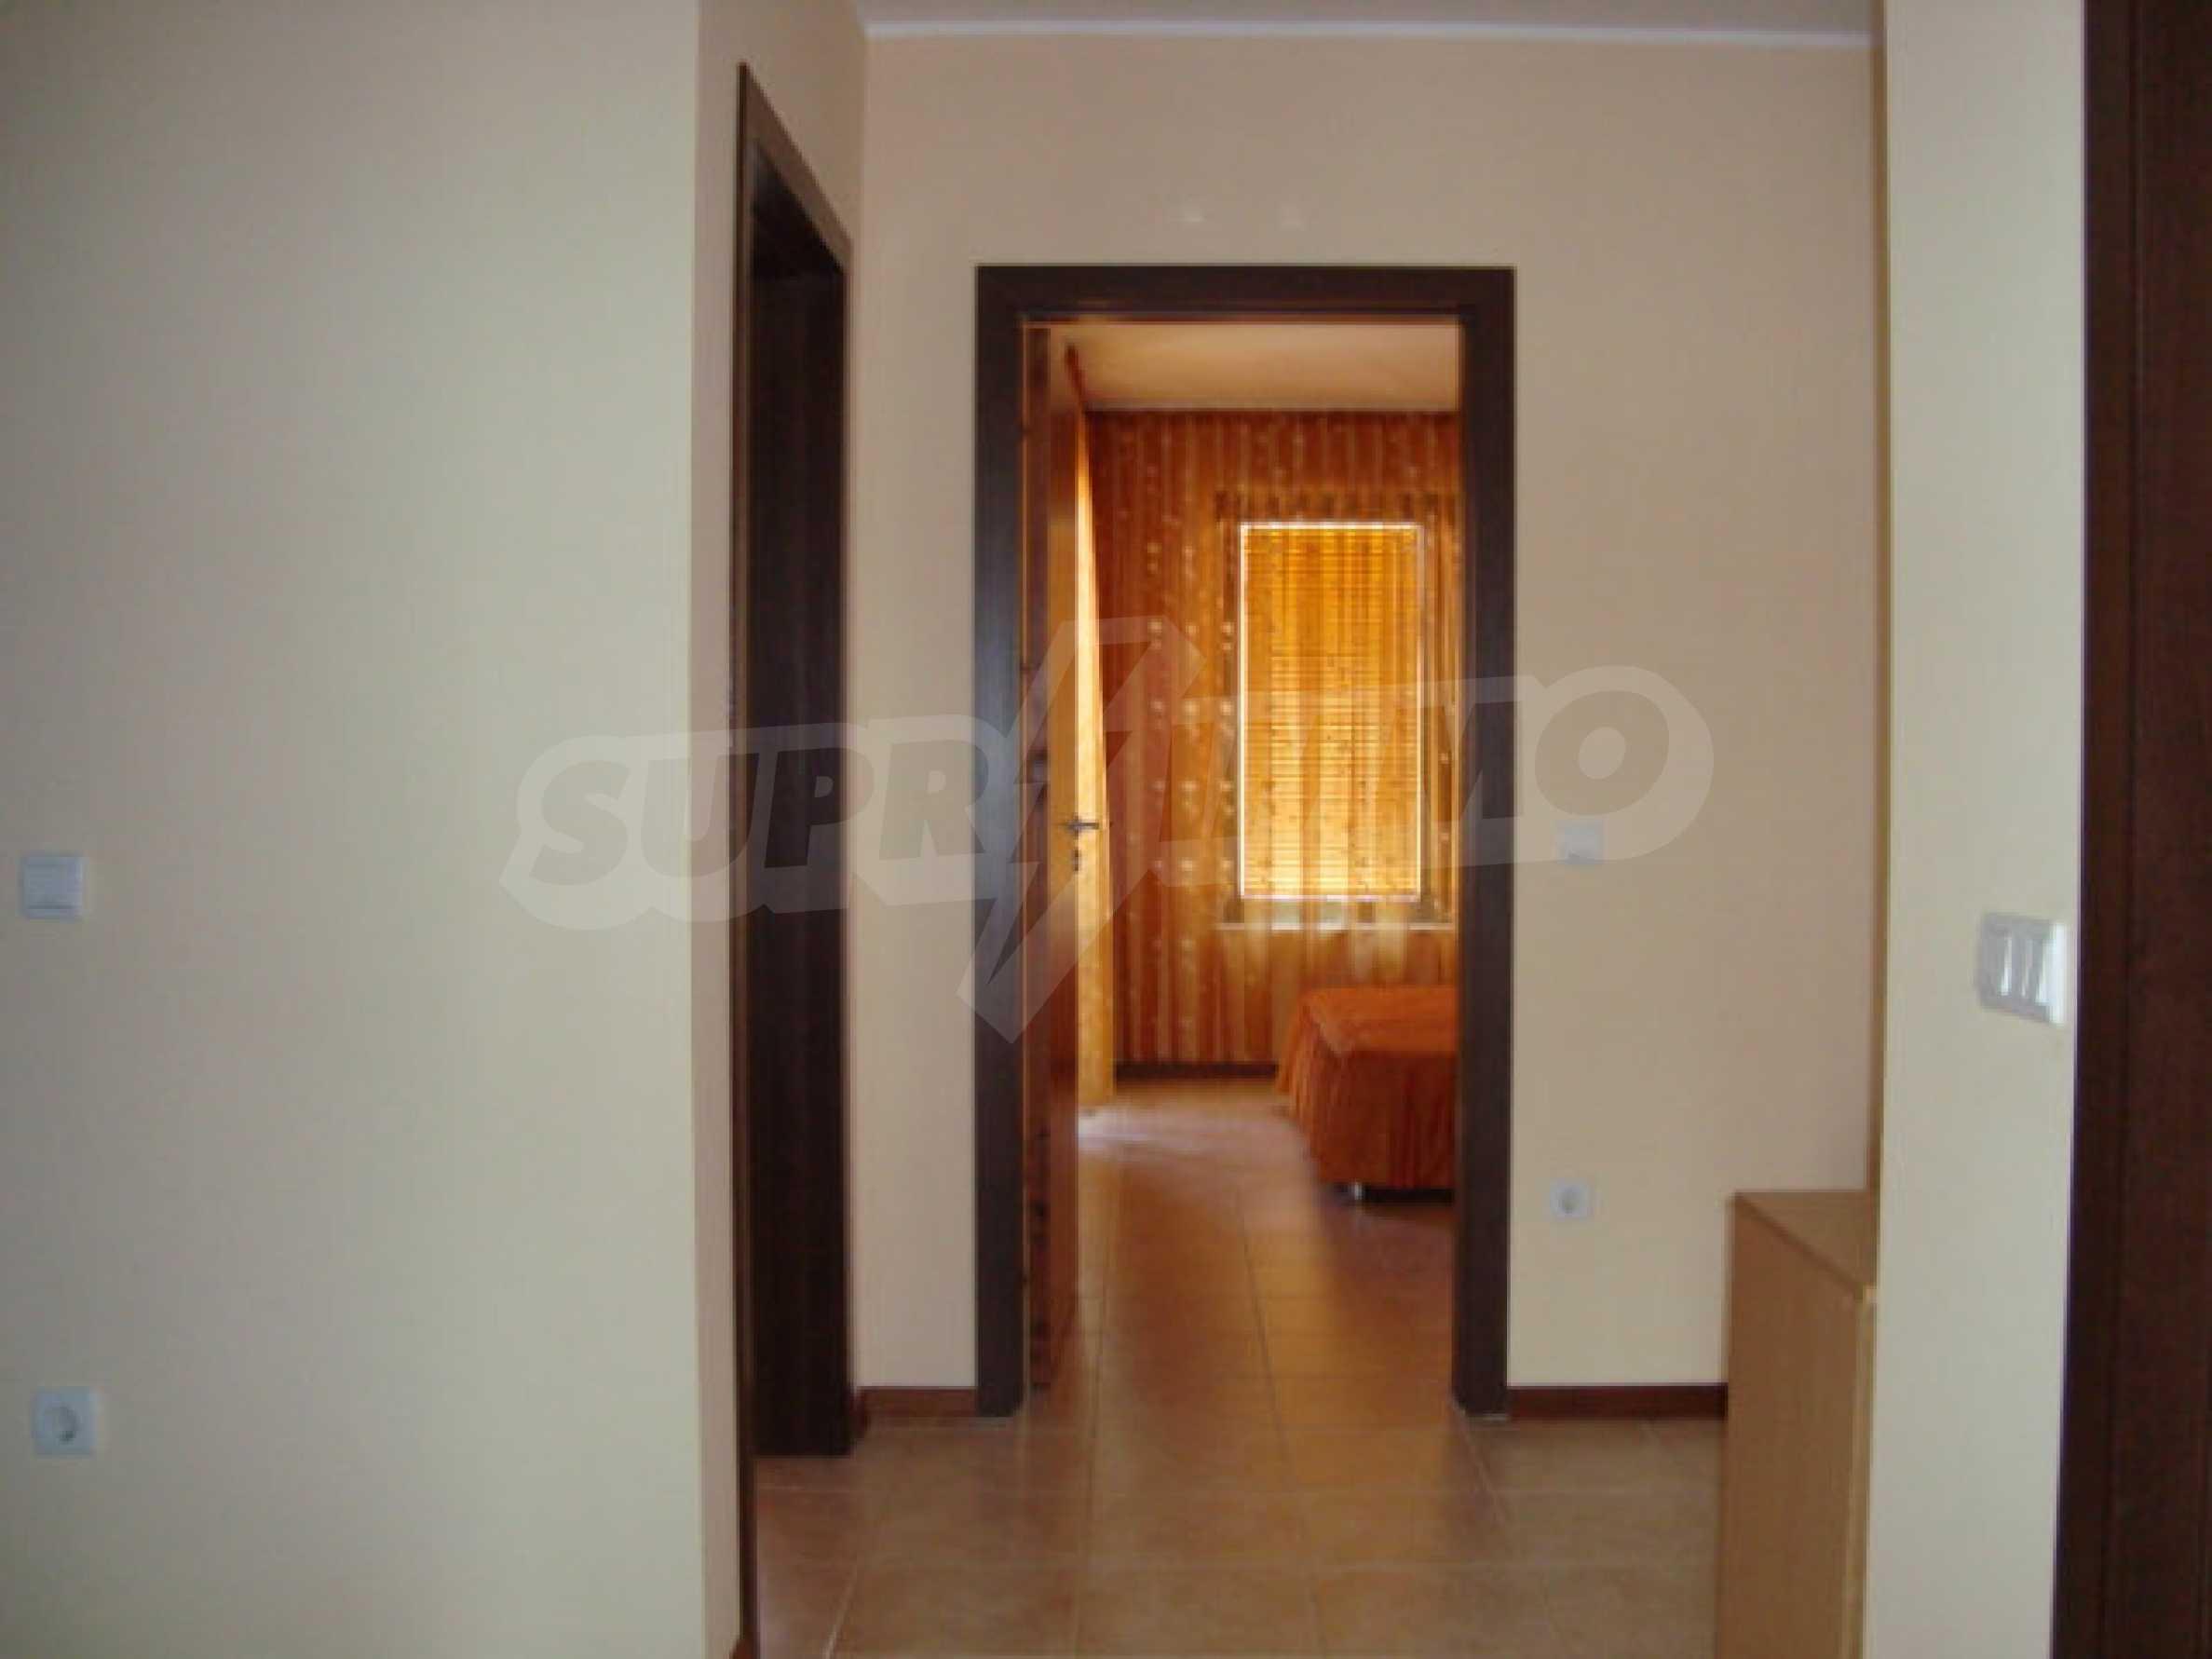 Luxus-Apartment mit zwei Schlafzimmern in einem ausgezeichneten Komplex in Chernomorets 4